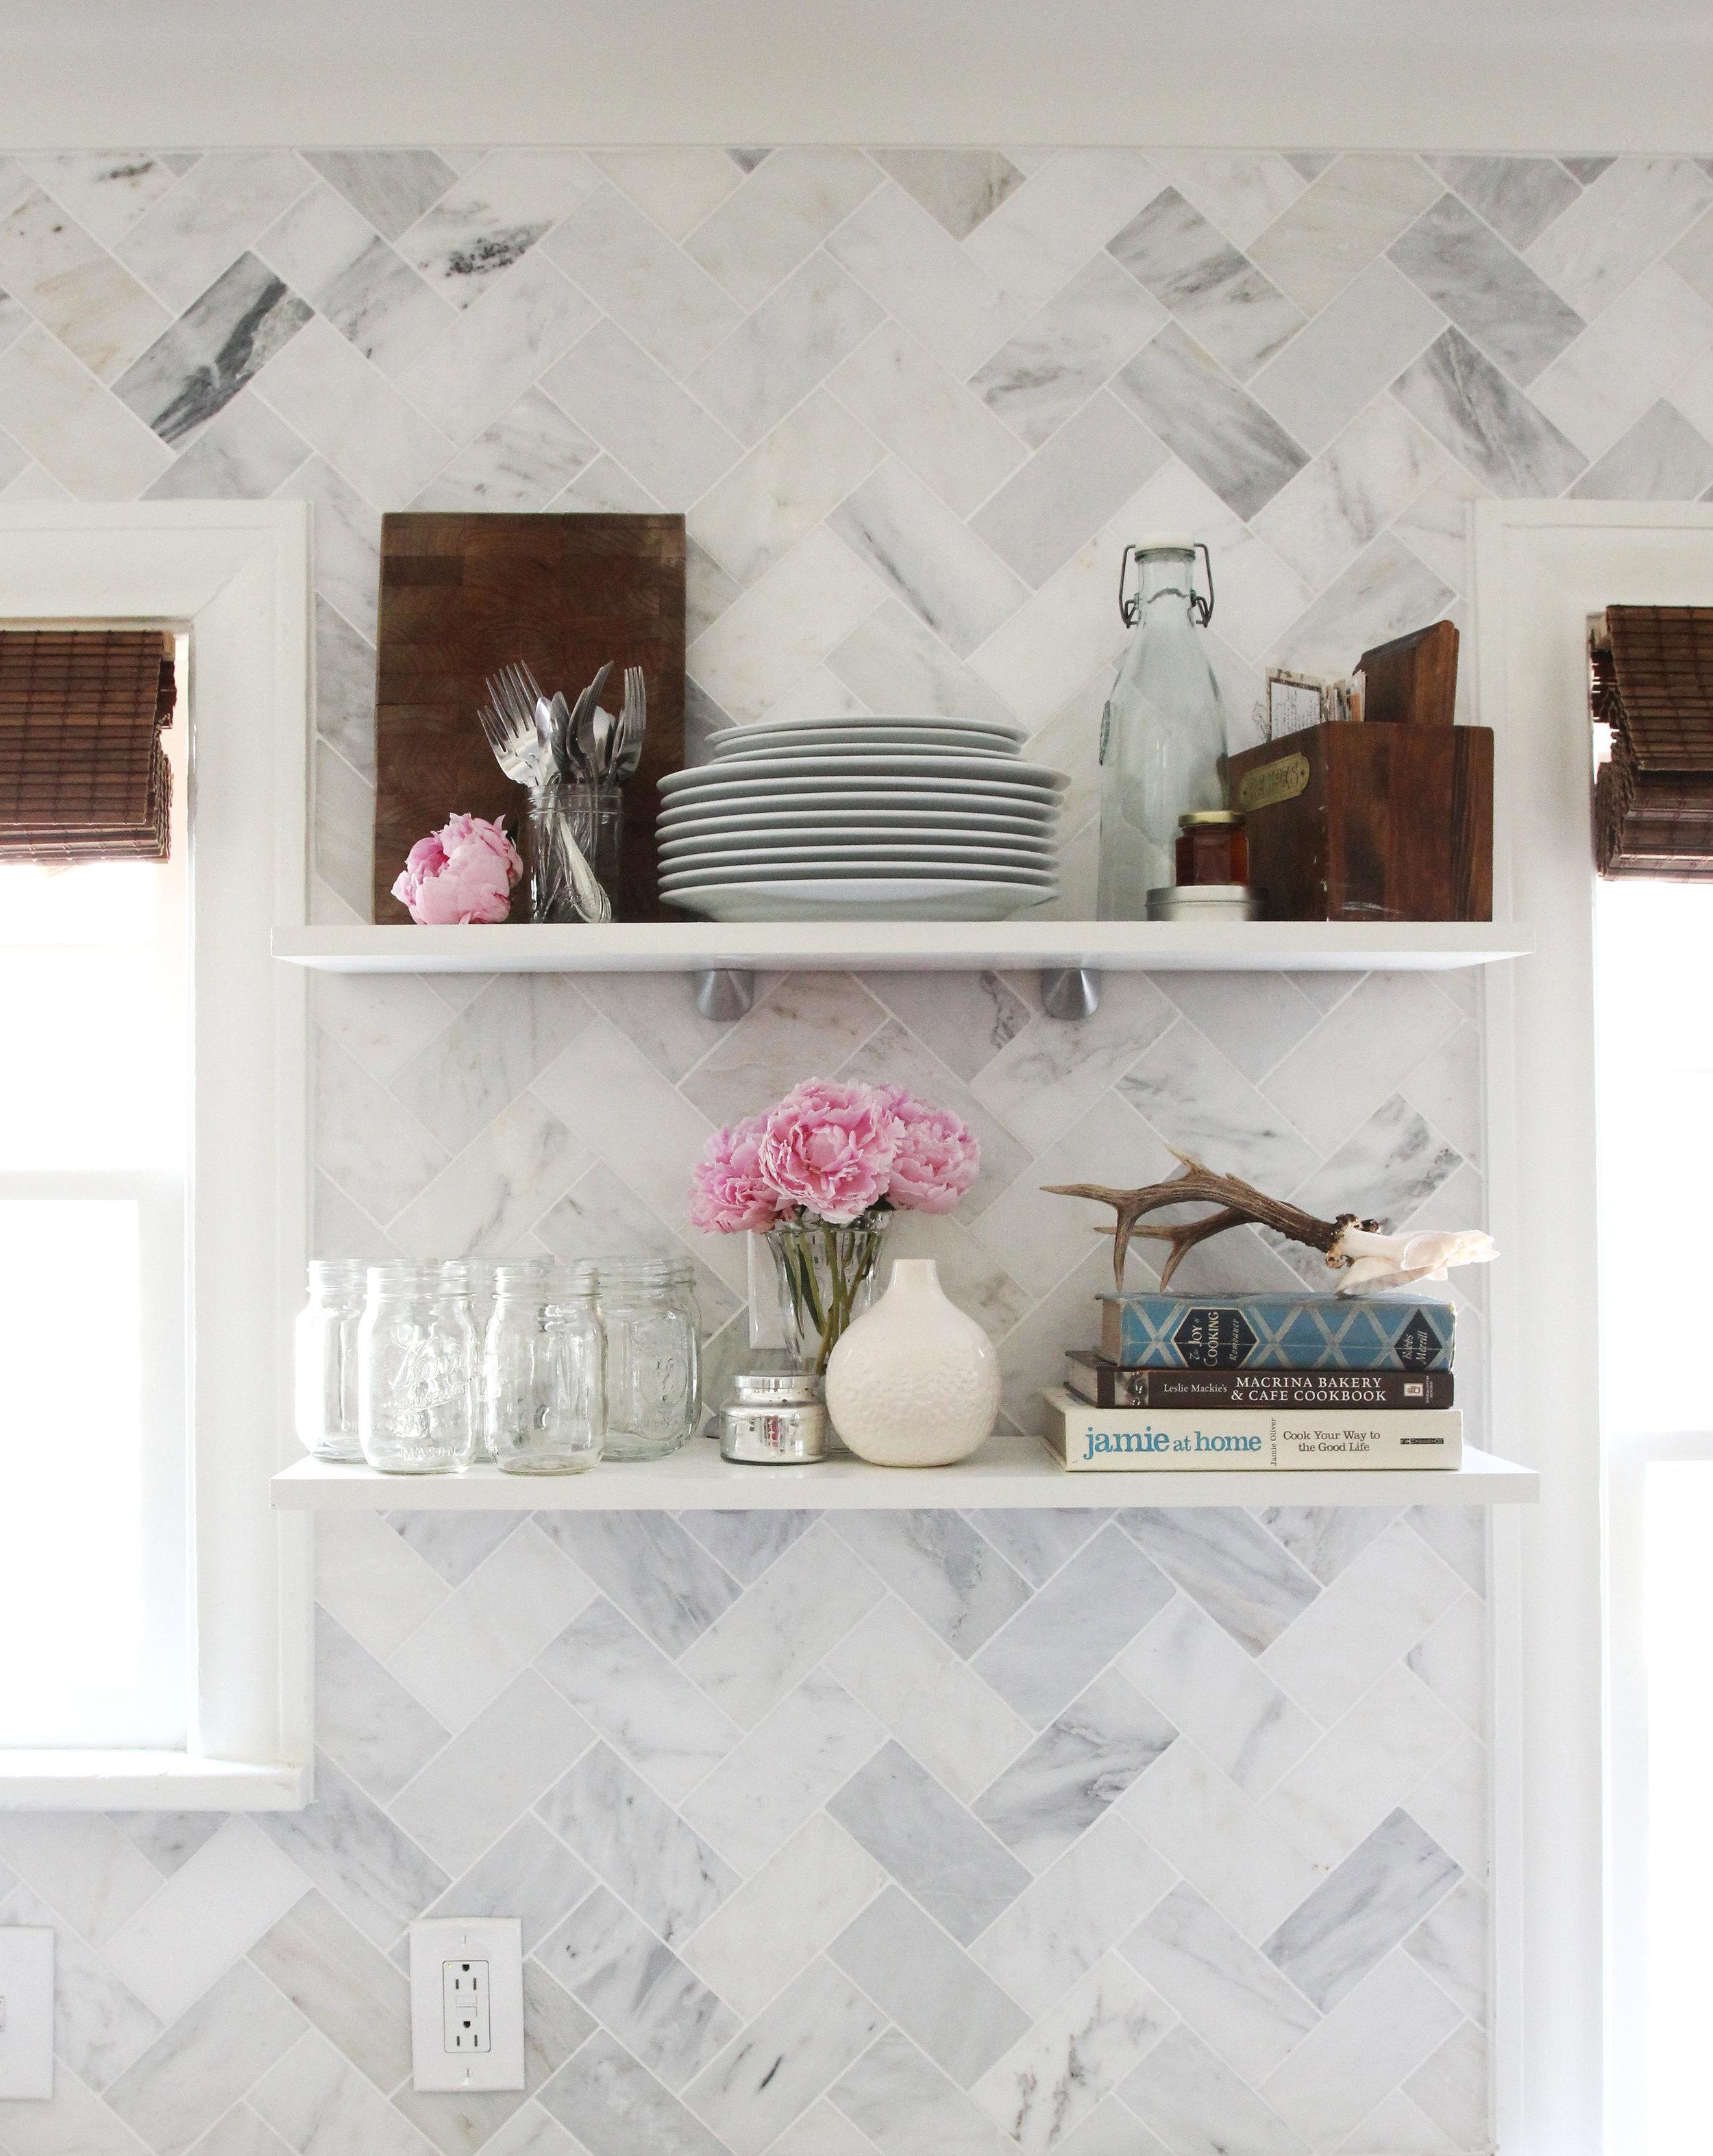 Kitchen Open Shelves over Tile Backsplash - Finished